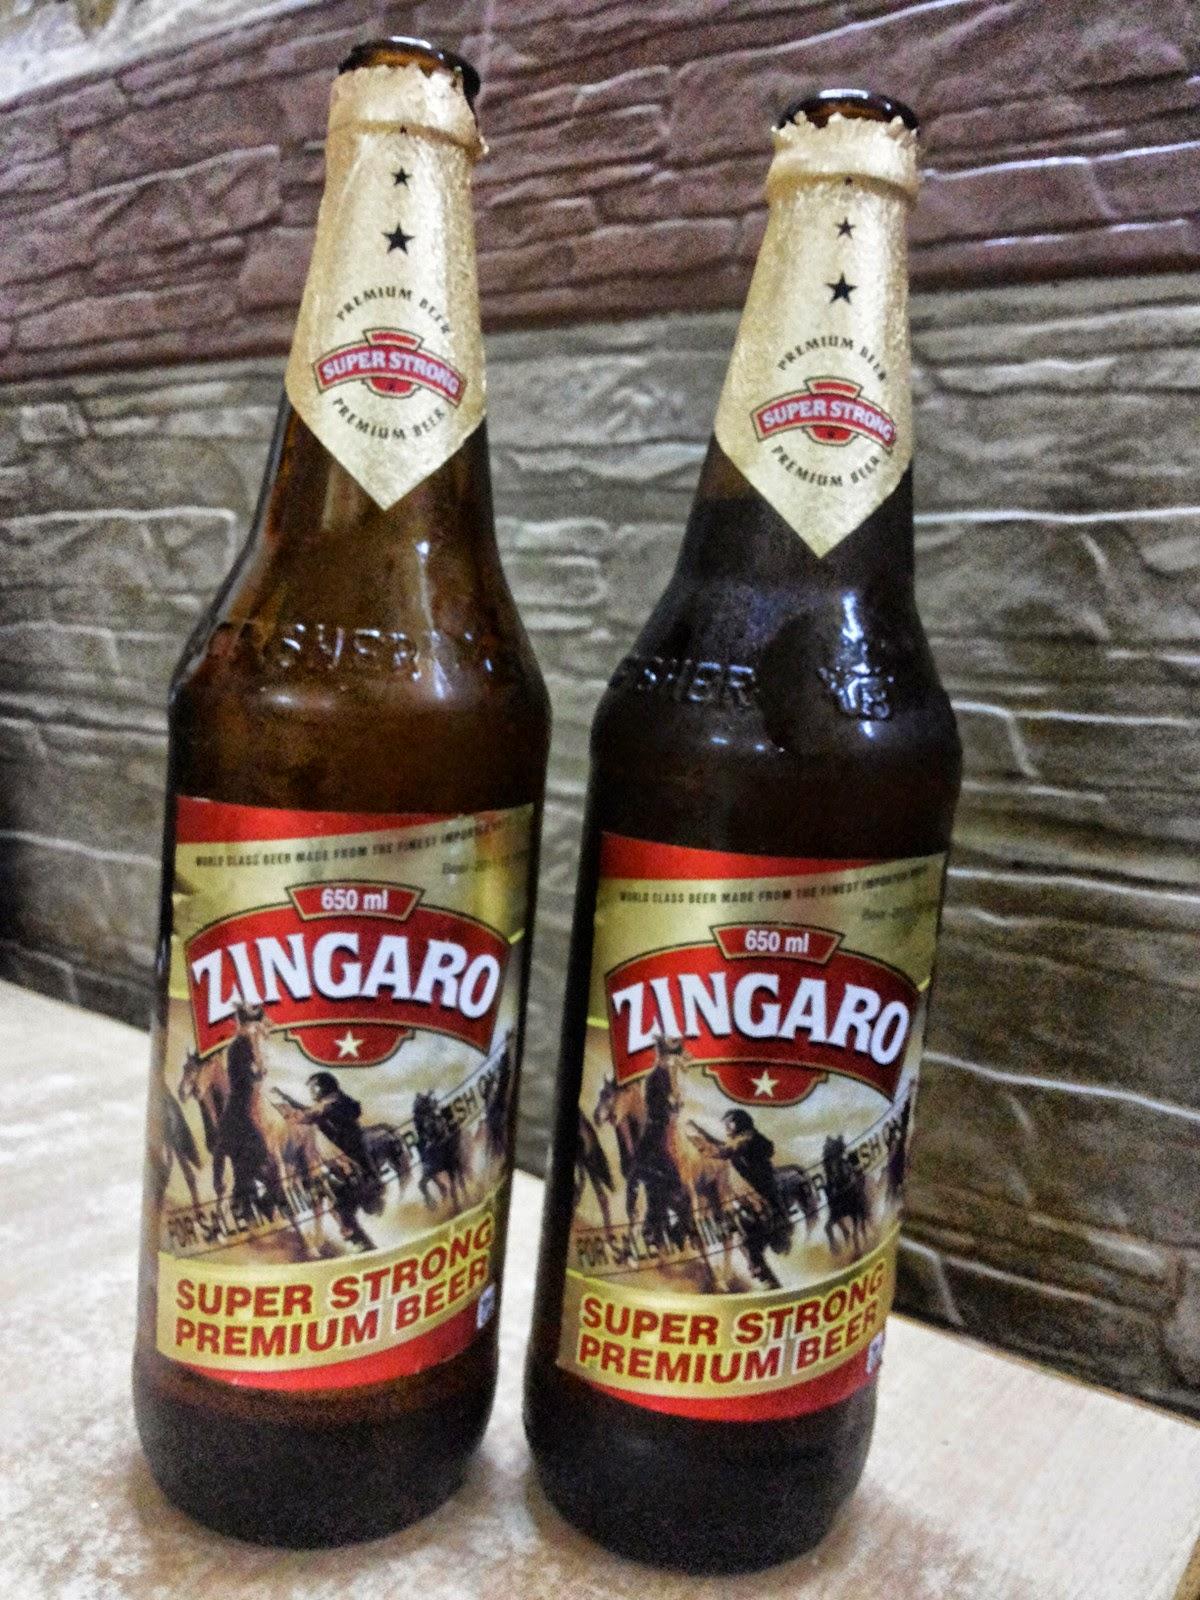 Image result for Zingaro beer